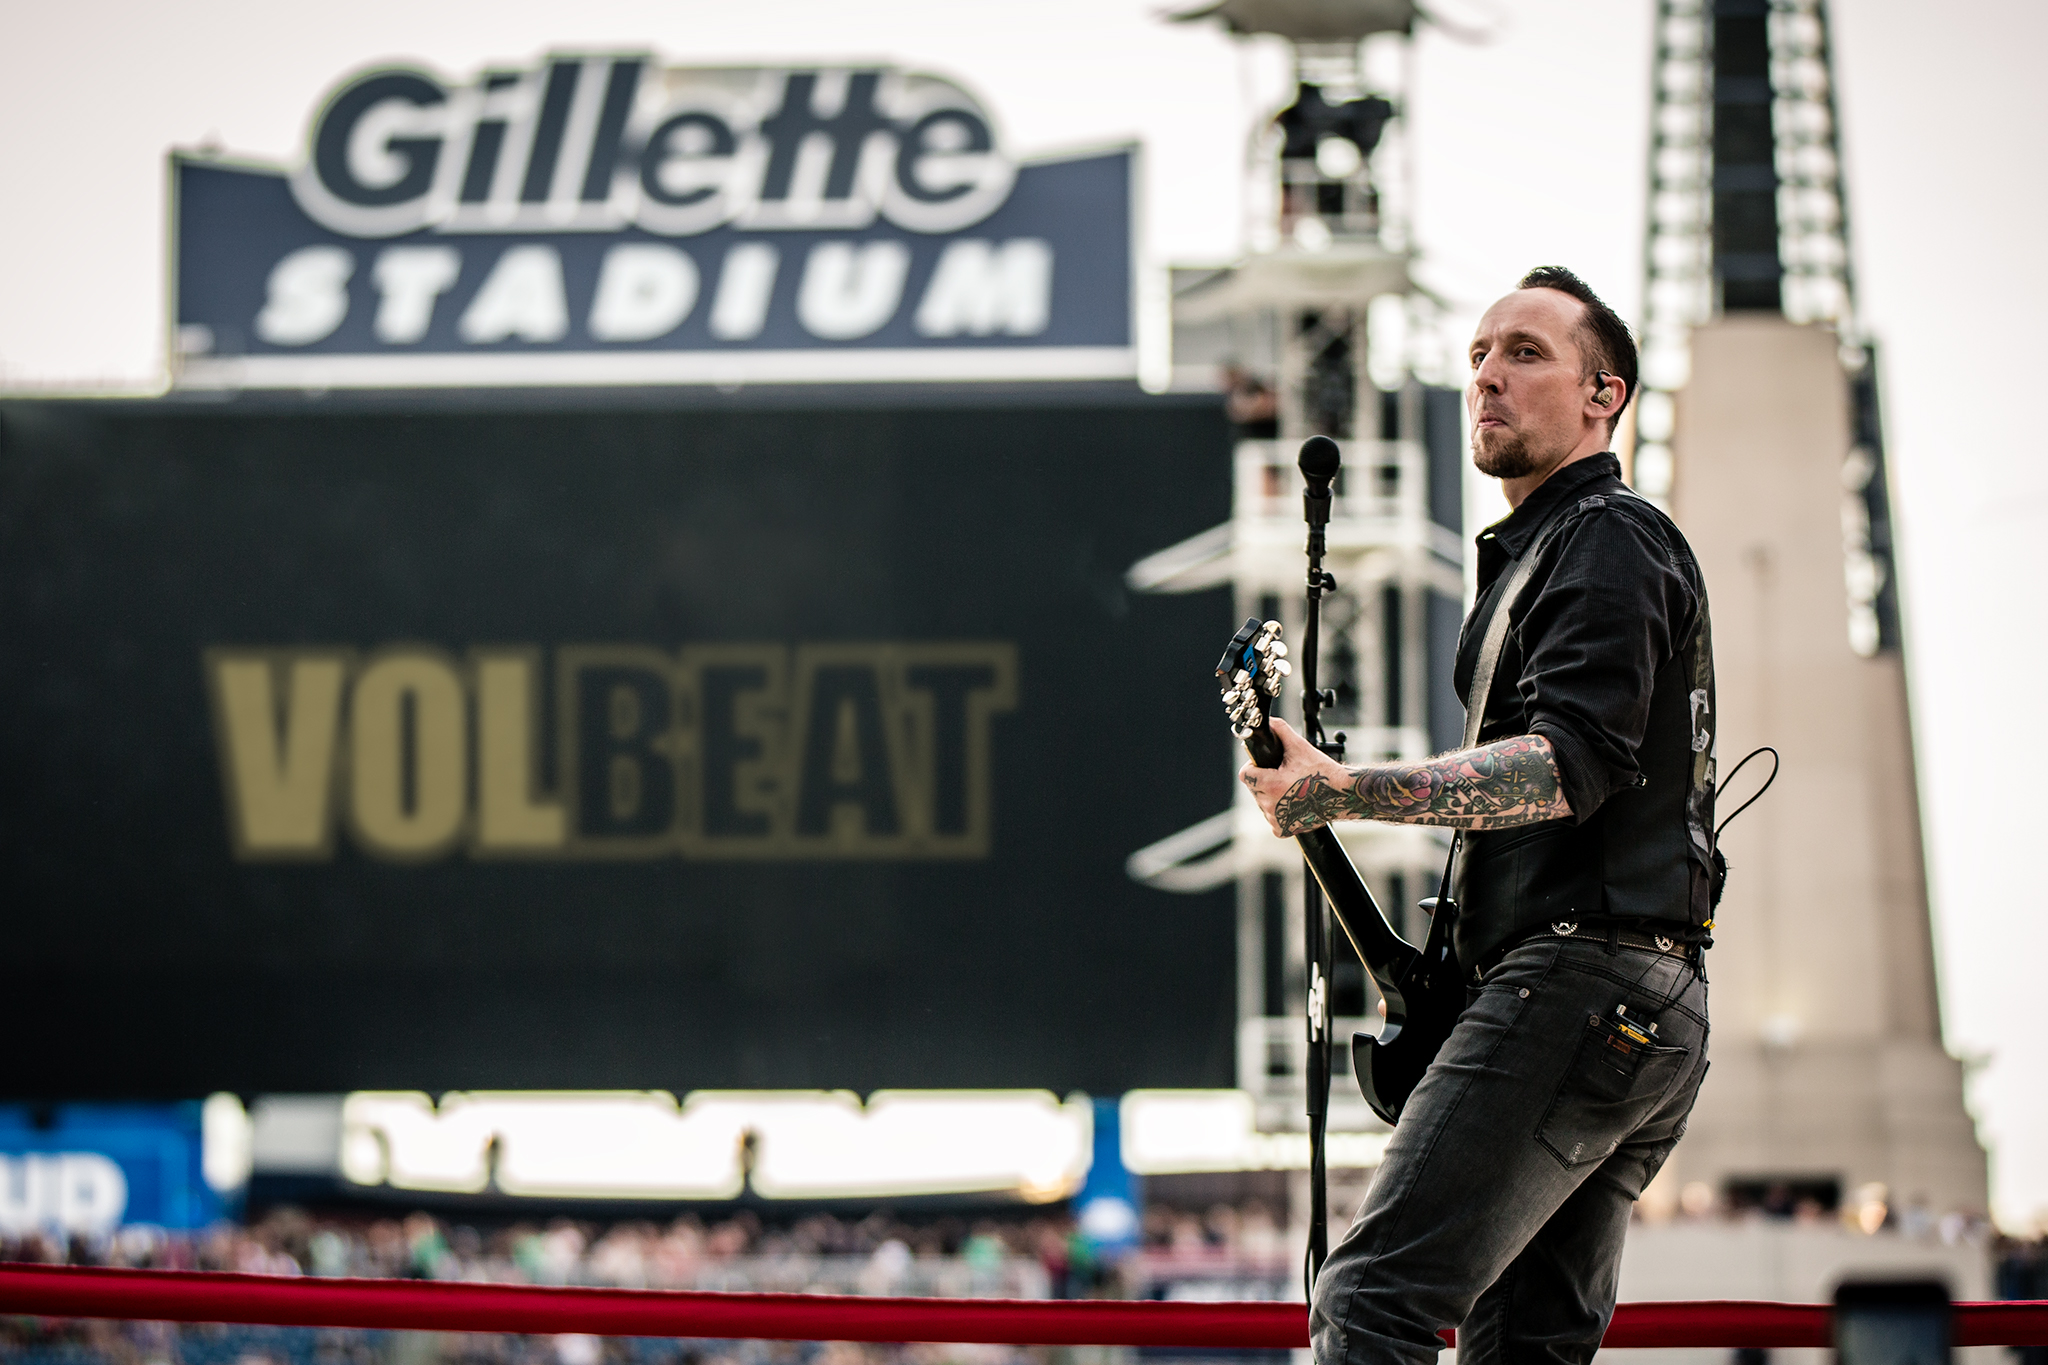 volbeat1.jpg